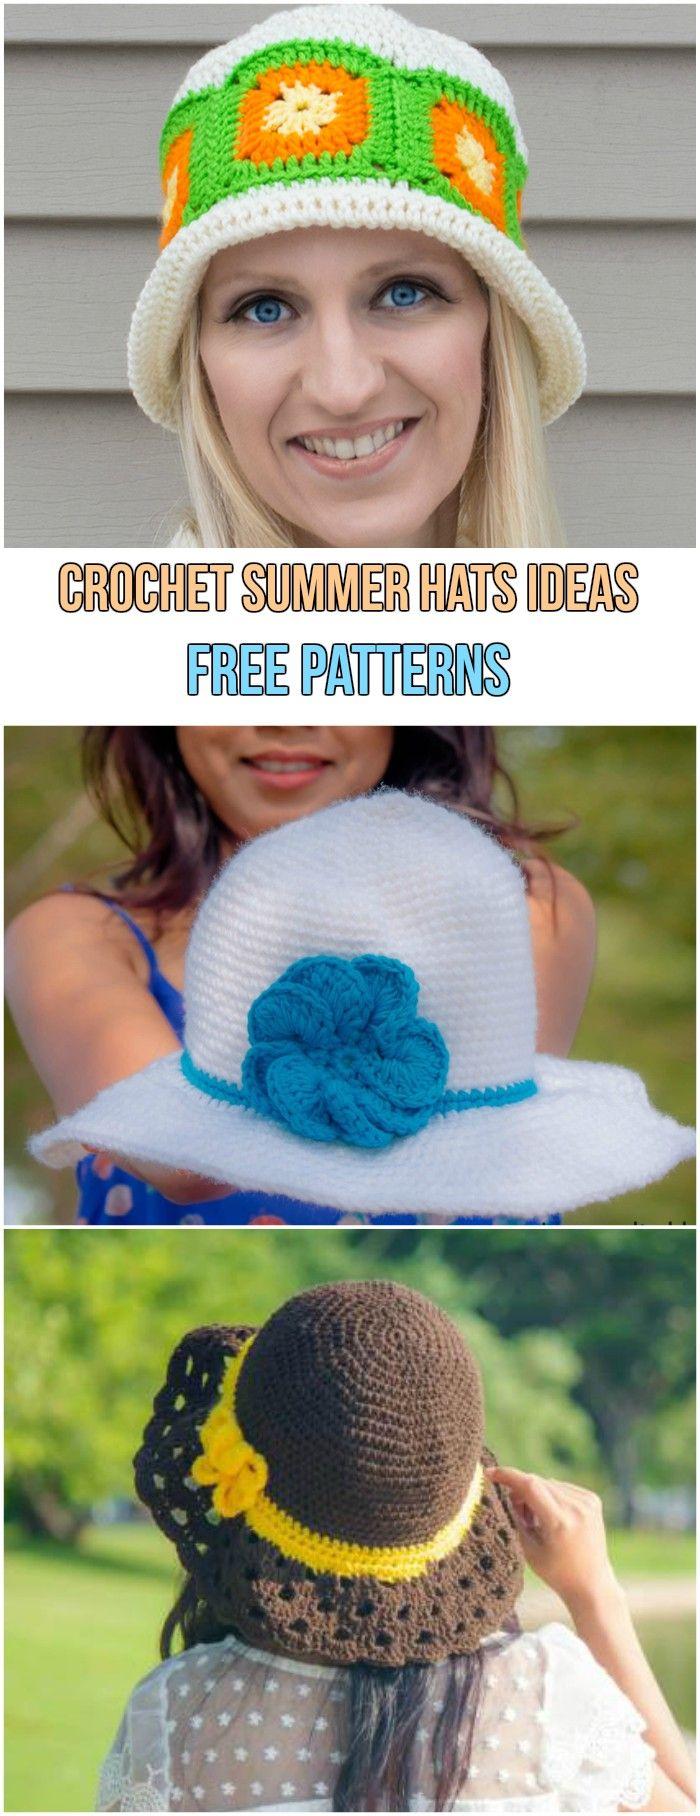 Crochet Summer Hats Ideas Free Patterns | Crochet summer hats ...